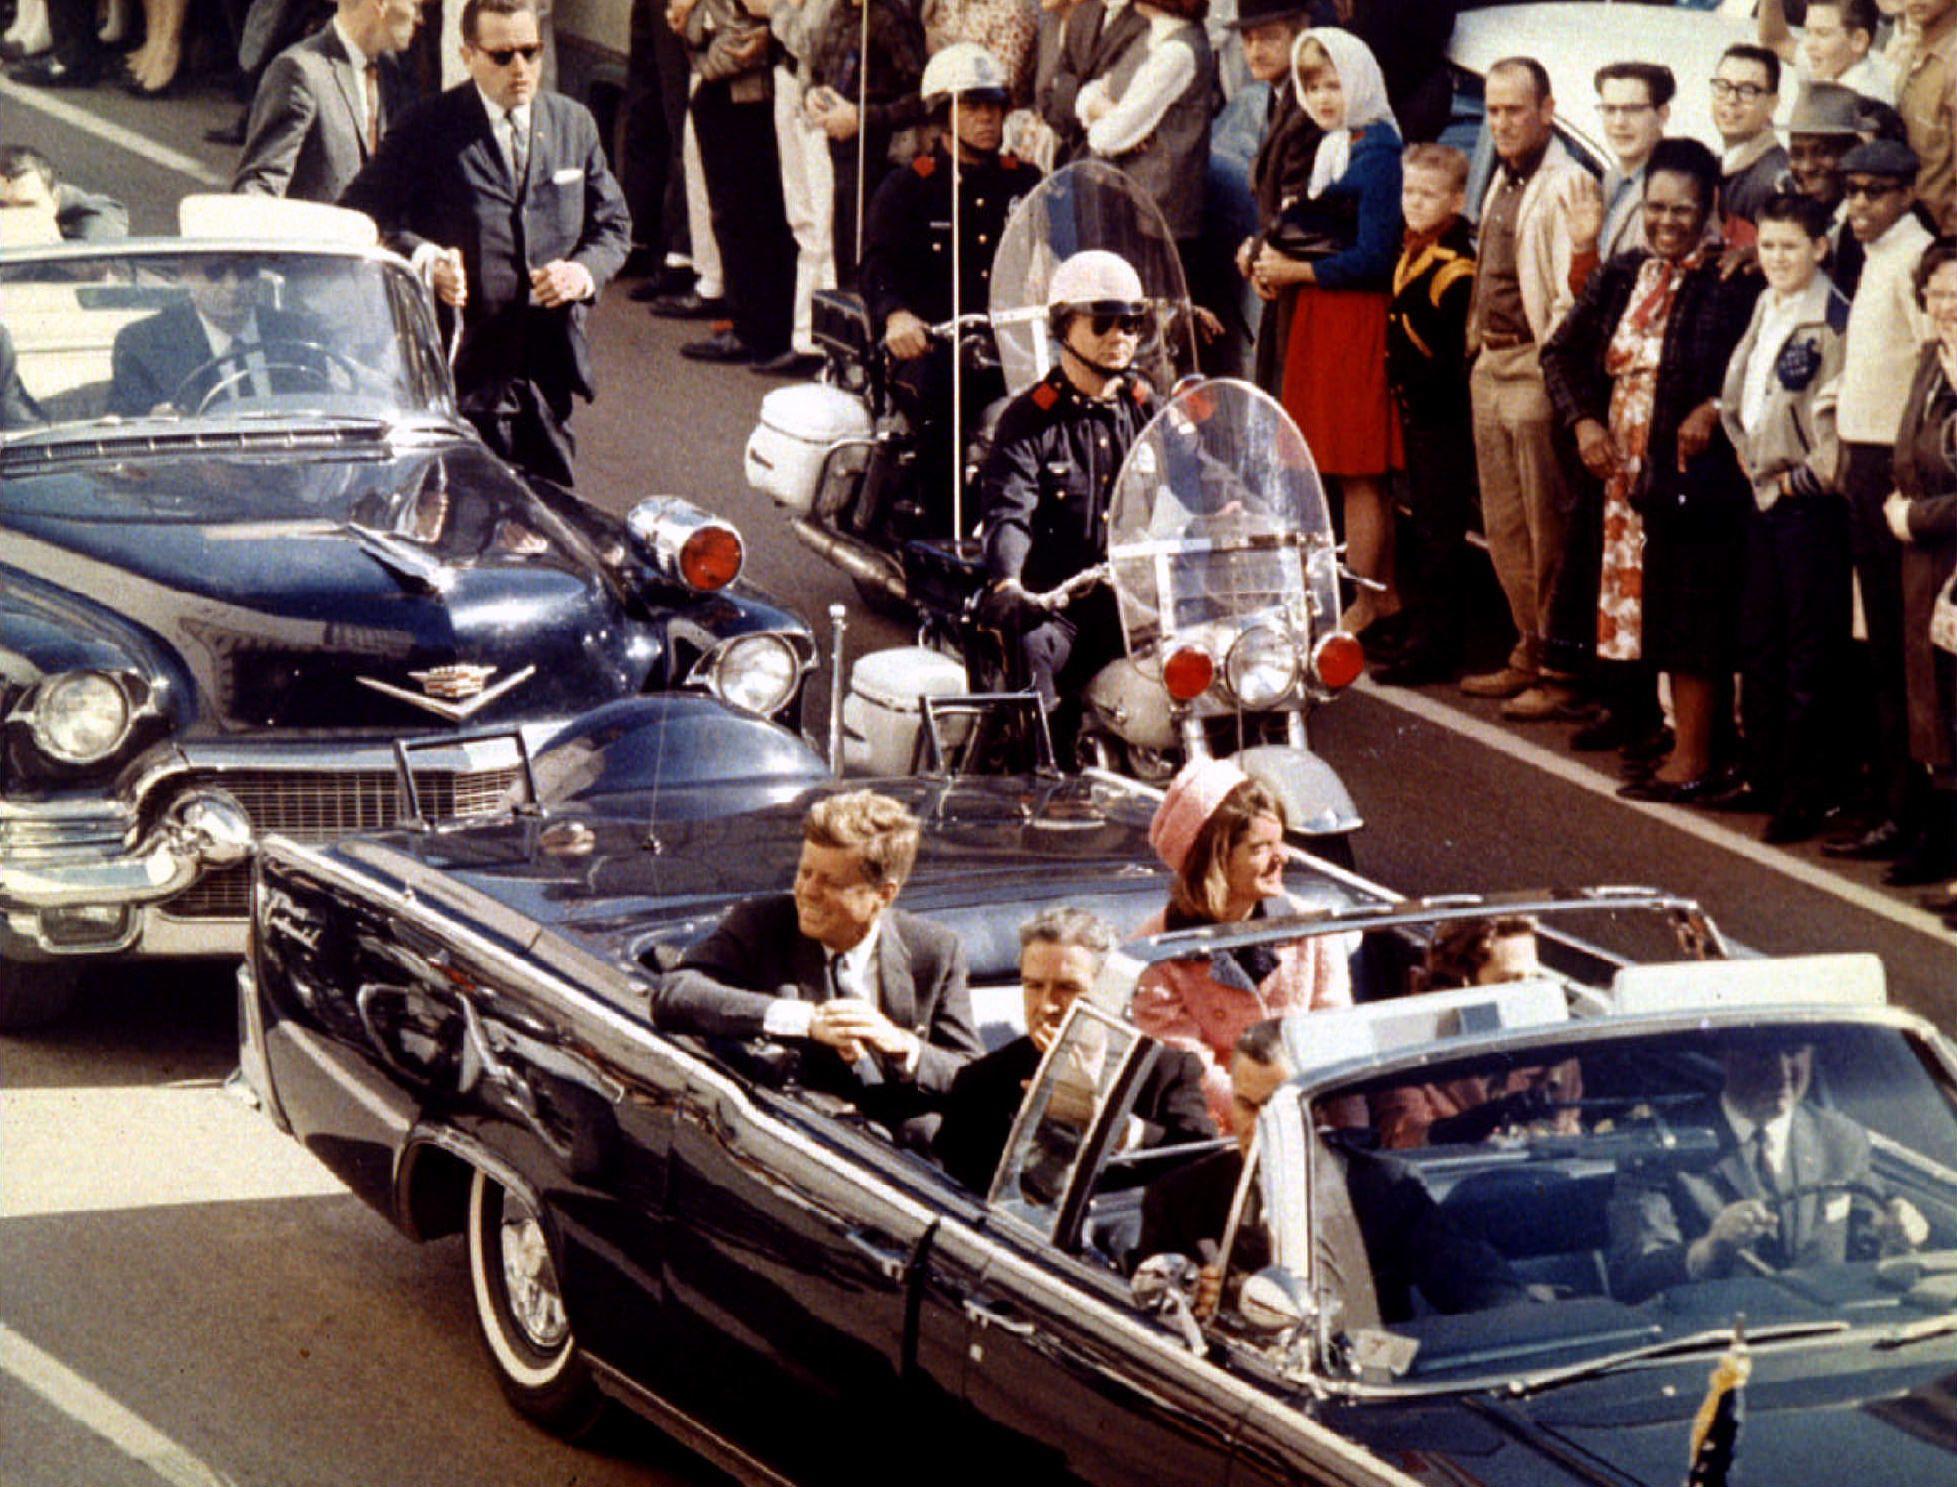 JFK a été assassiné le 22 novembre 1963 à Dallas.